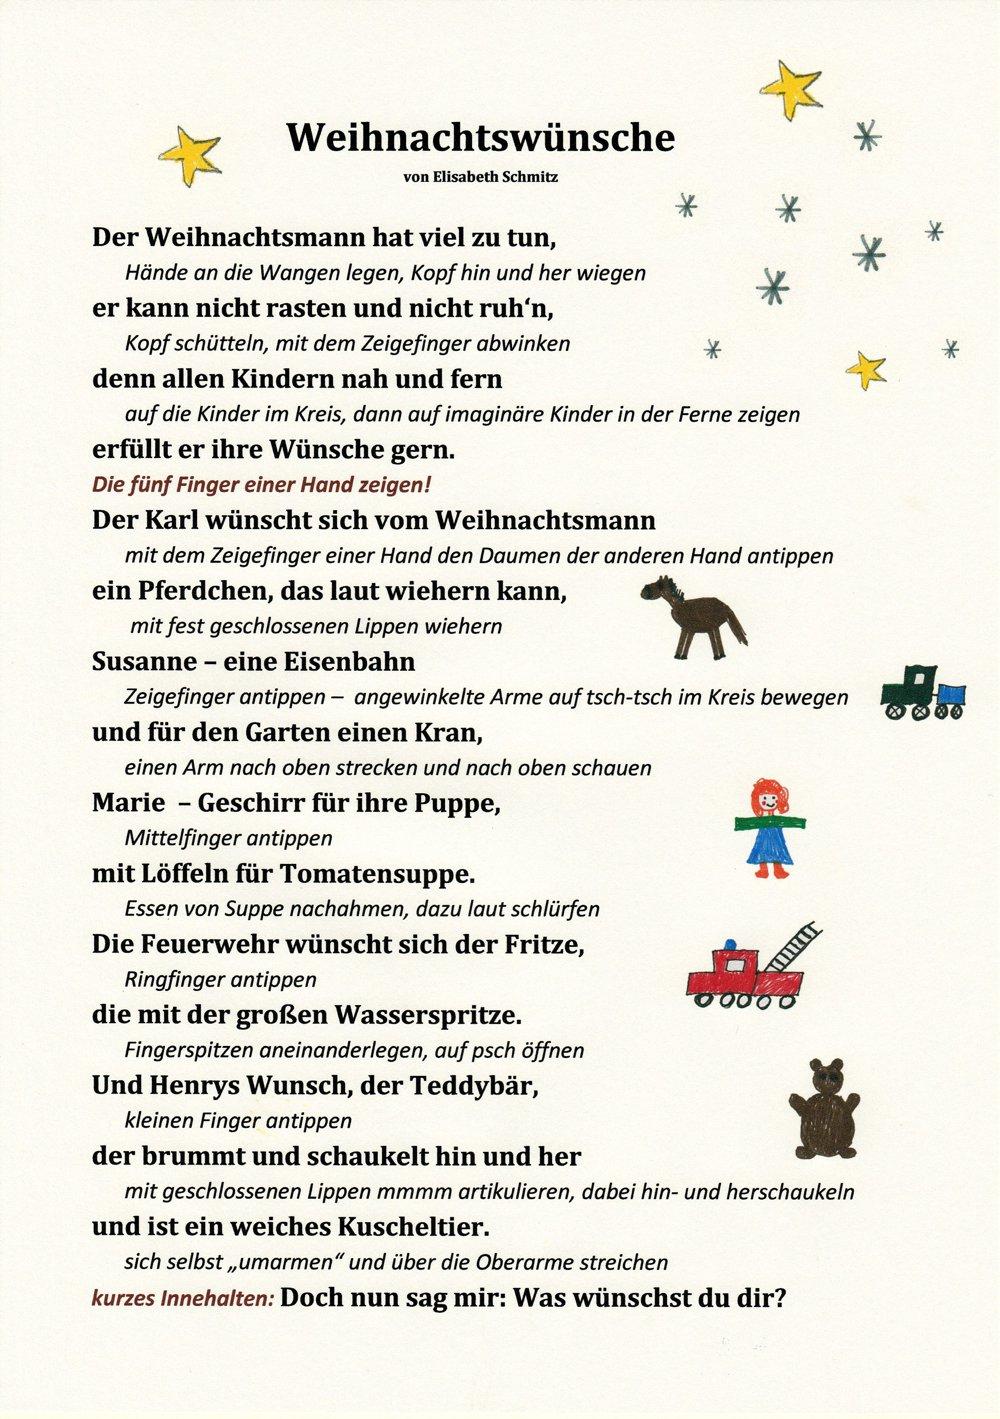 Ein Weihnachtsgedicht Mit Bewegungen - Kitakram.de verwandt mit Einfache Weihnachtsgedichte Für Kindergartenkinder